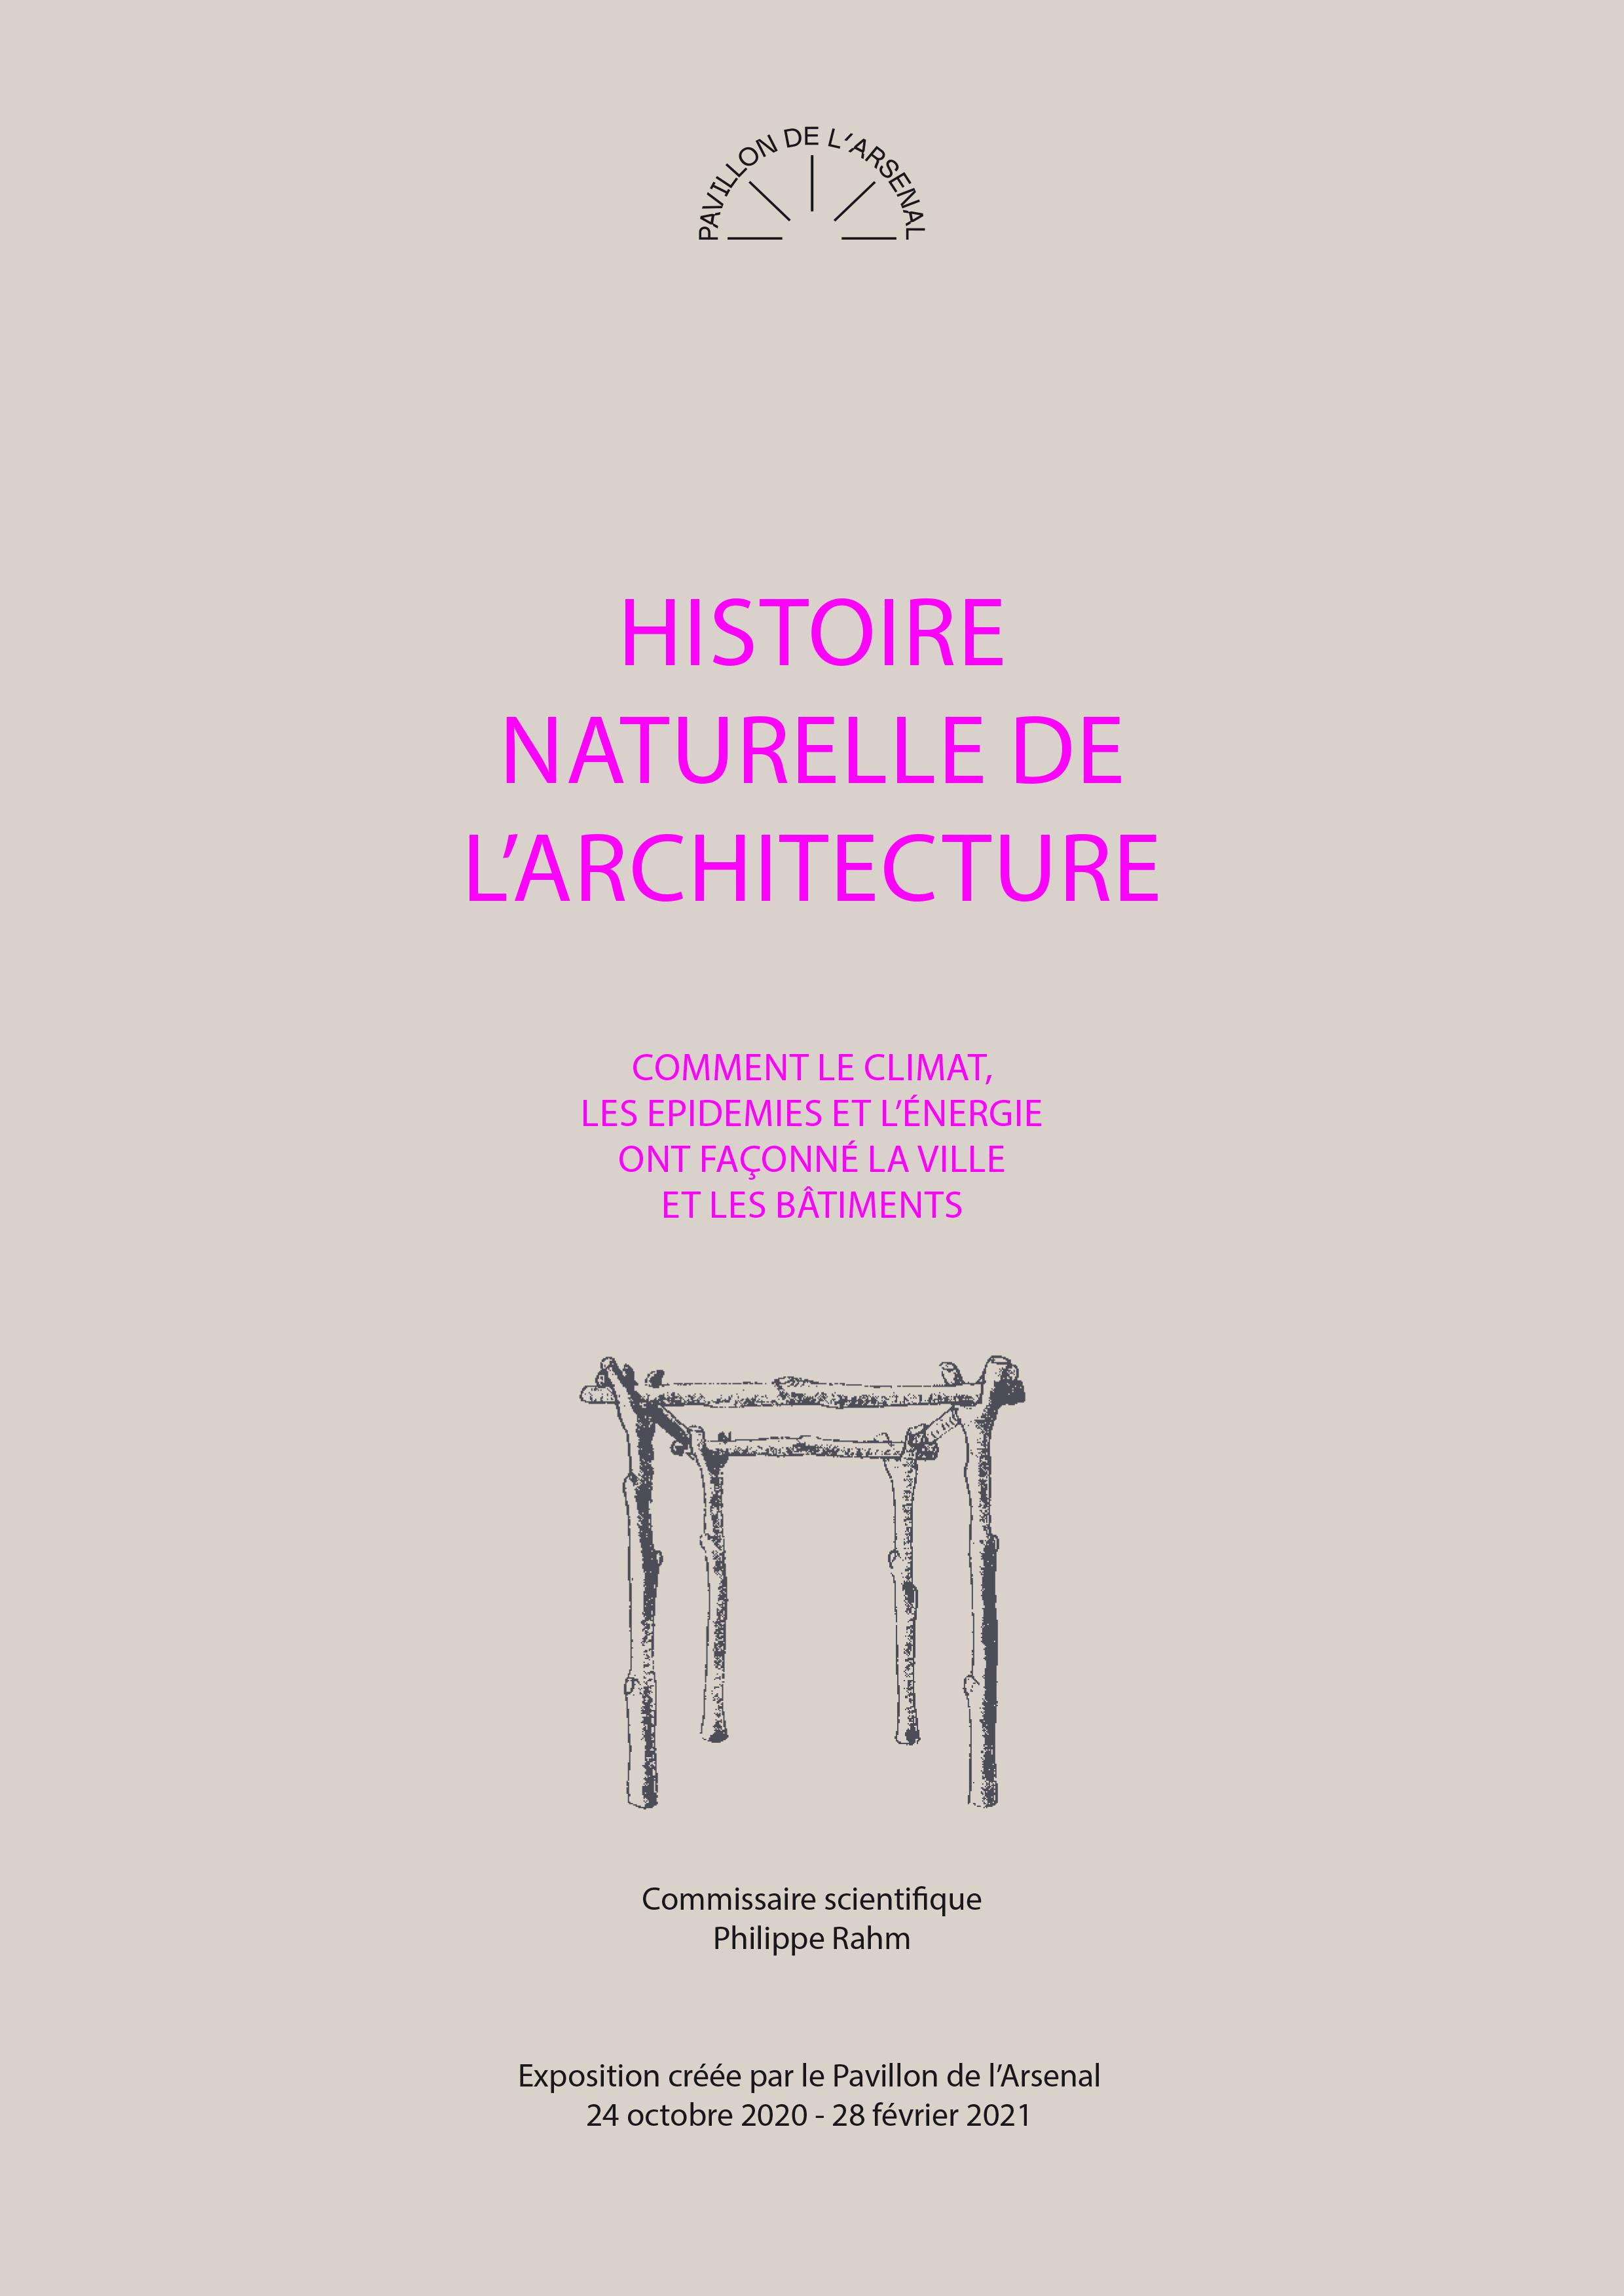 https://source-a-id.com/id/images/rendez_vous/histoire_naturelle_de_larchitecture_2020.jpg